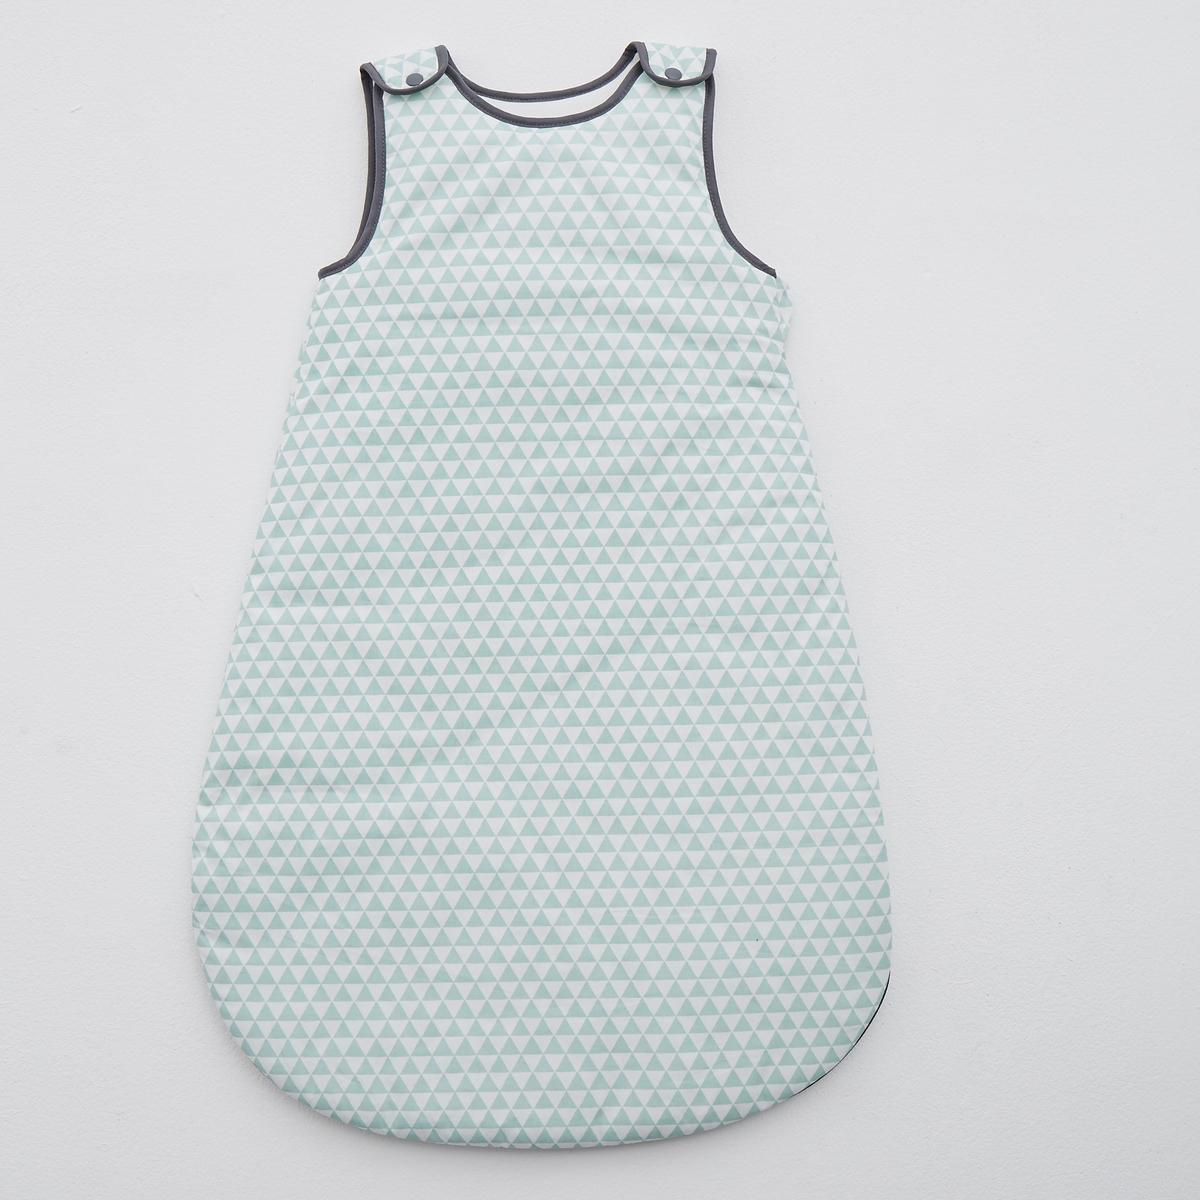 Конверт с геометрическим орнаментом из хлопковой перкали<br><br>Цвет: синий/белый<br>Размер: 0/9 mois.12 - 36 мес. - 71см - 94см